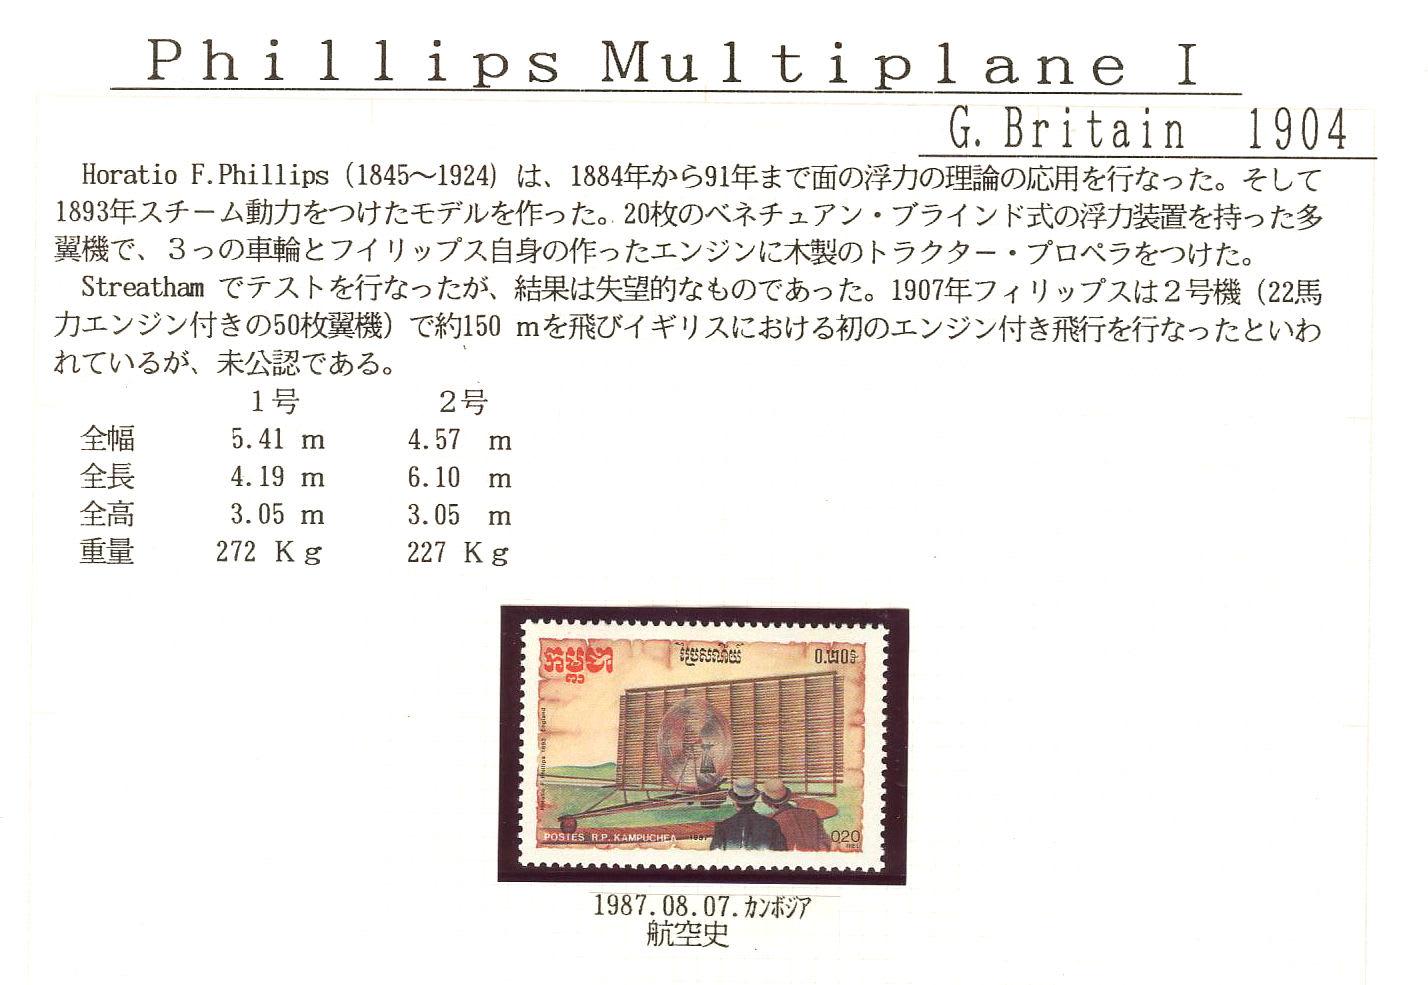 1912年の航空 - 1912 in aviationForgot Password